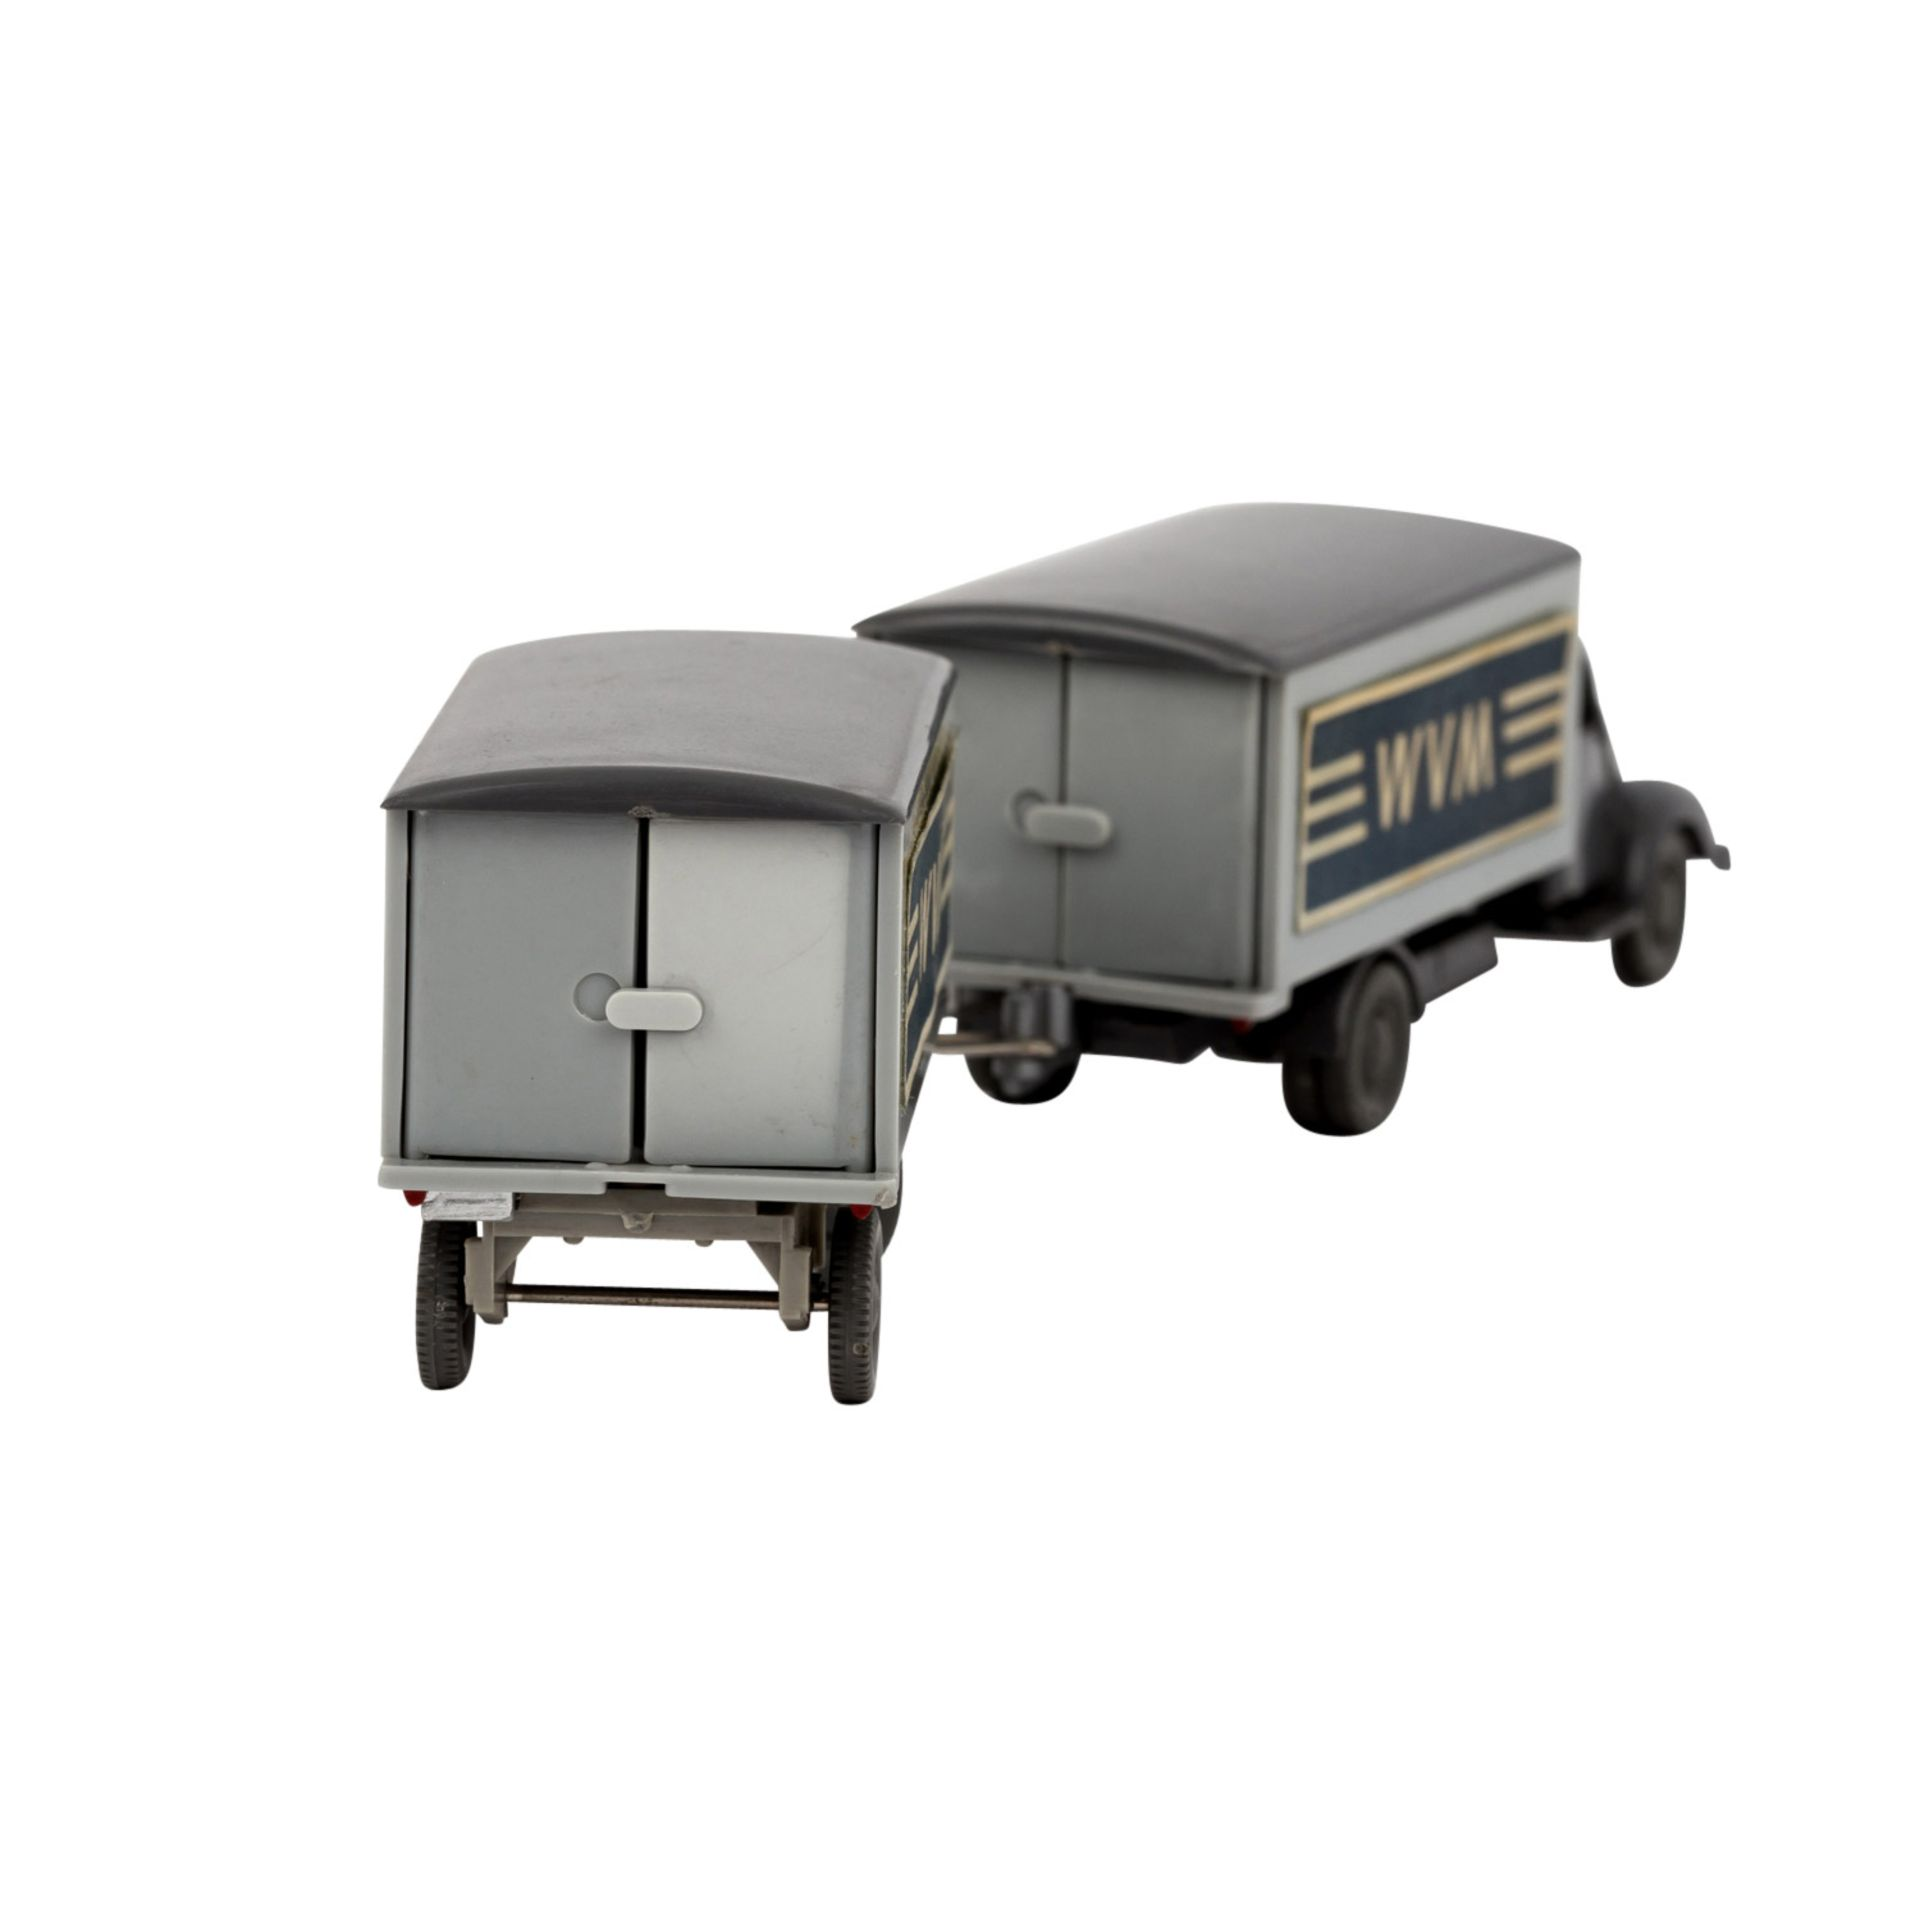 WIKING Magirus WVM, alter Koffer-LKW mit Anhänger 1961-62,LKW und Anhänger mit basal - Image 3 of 5